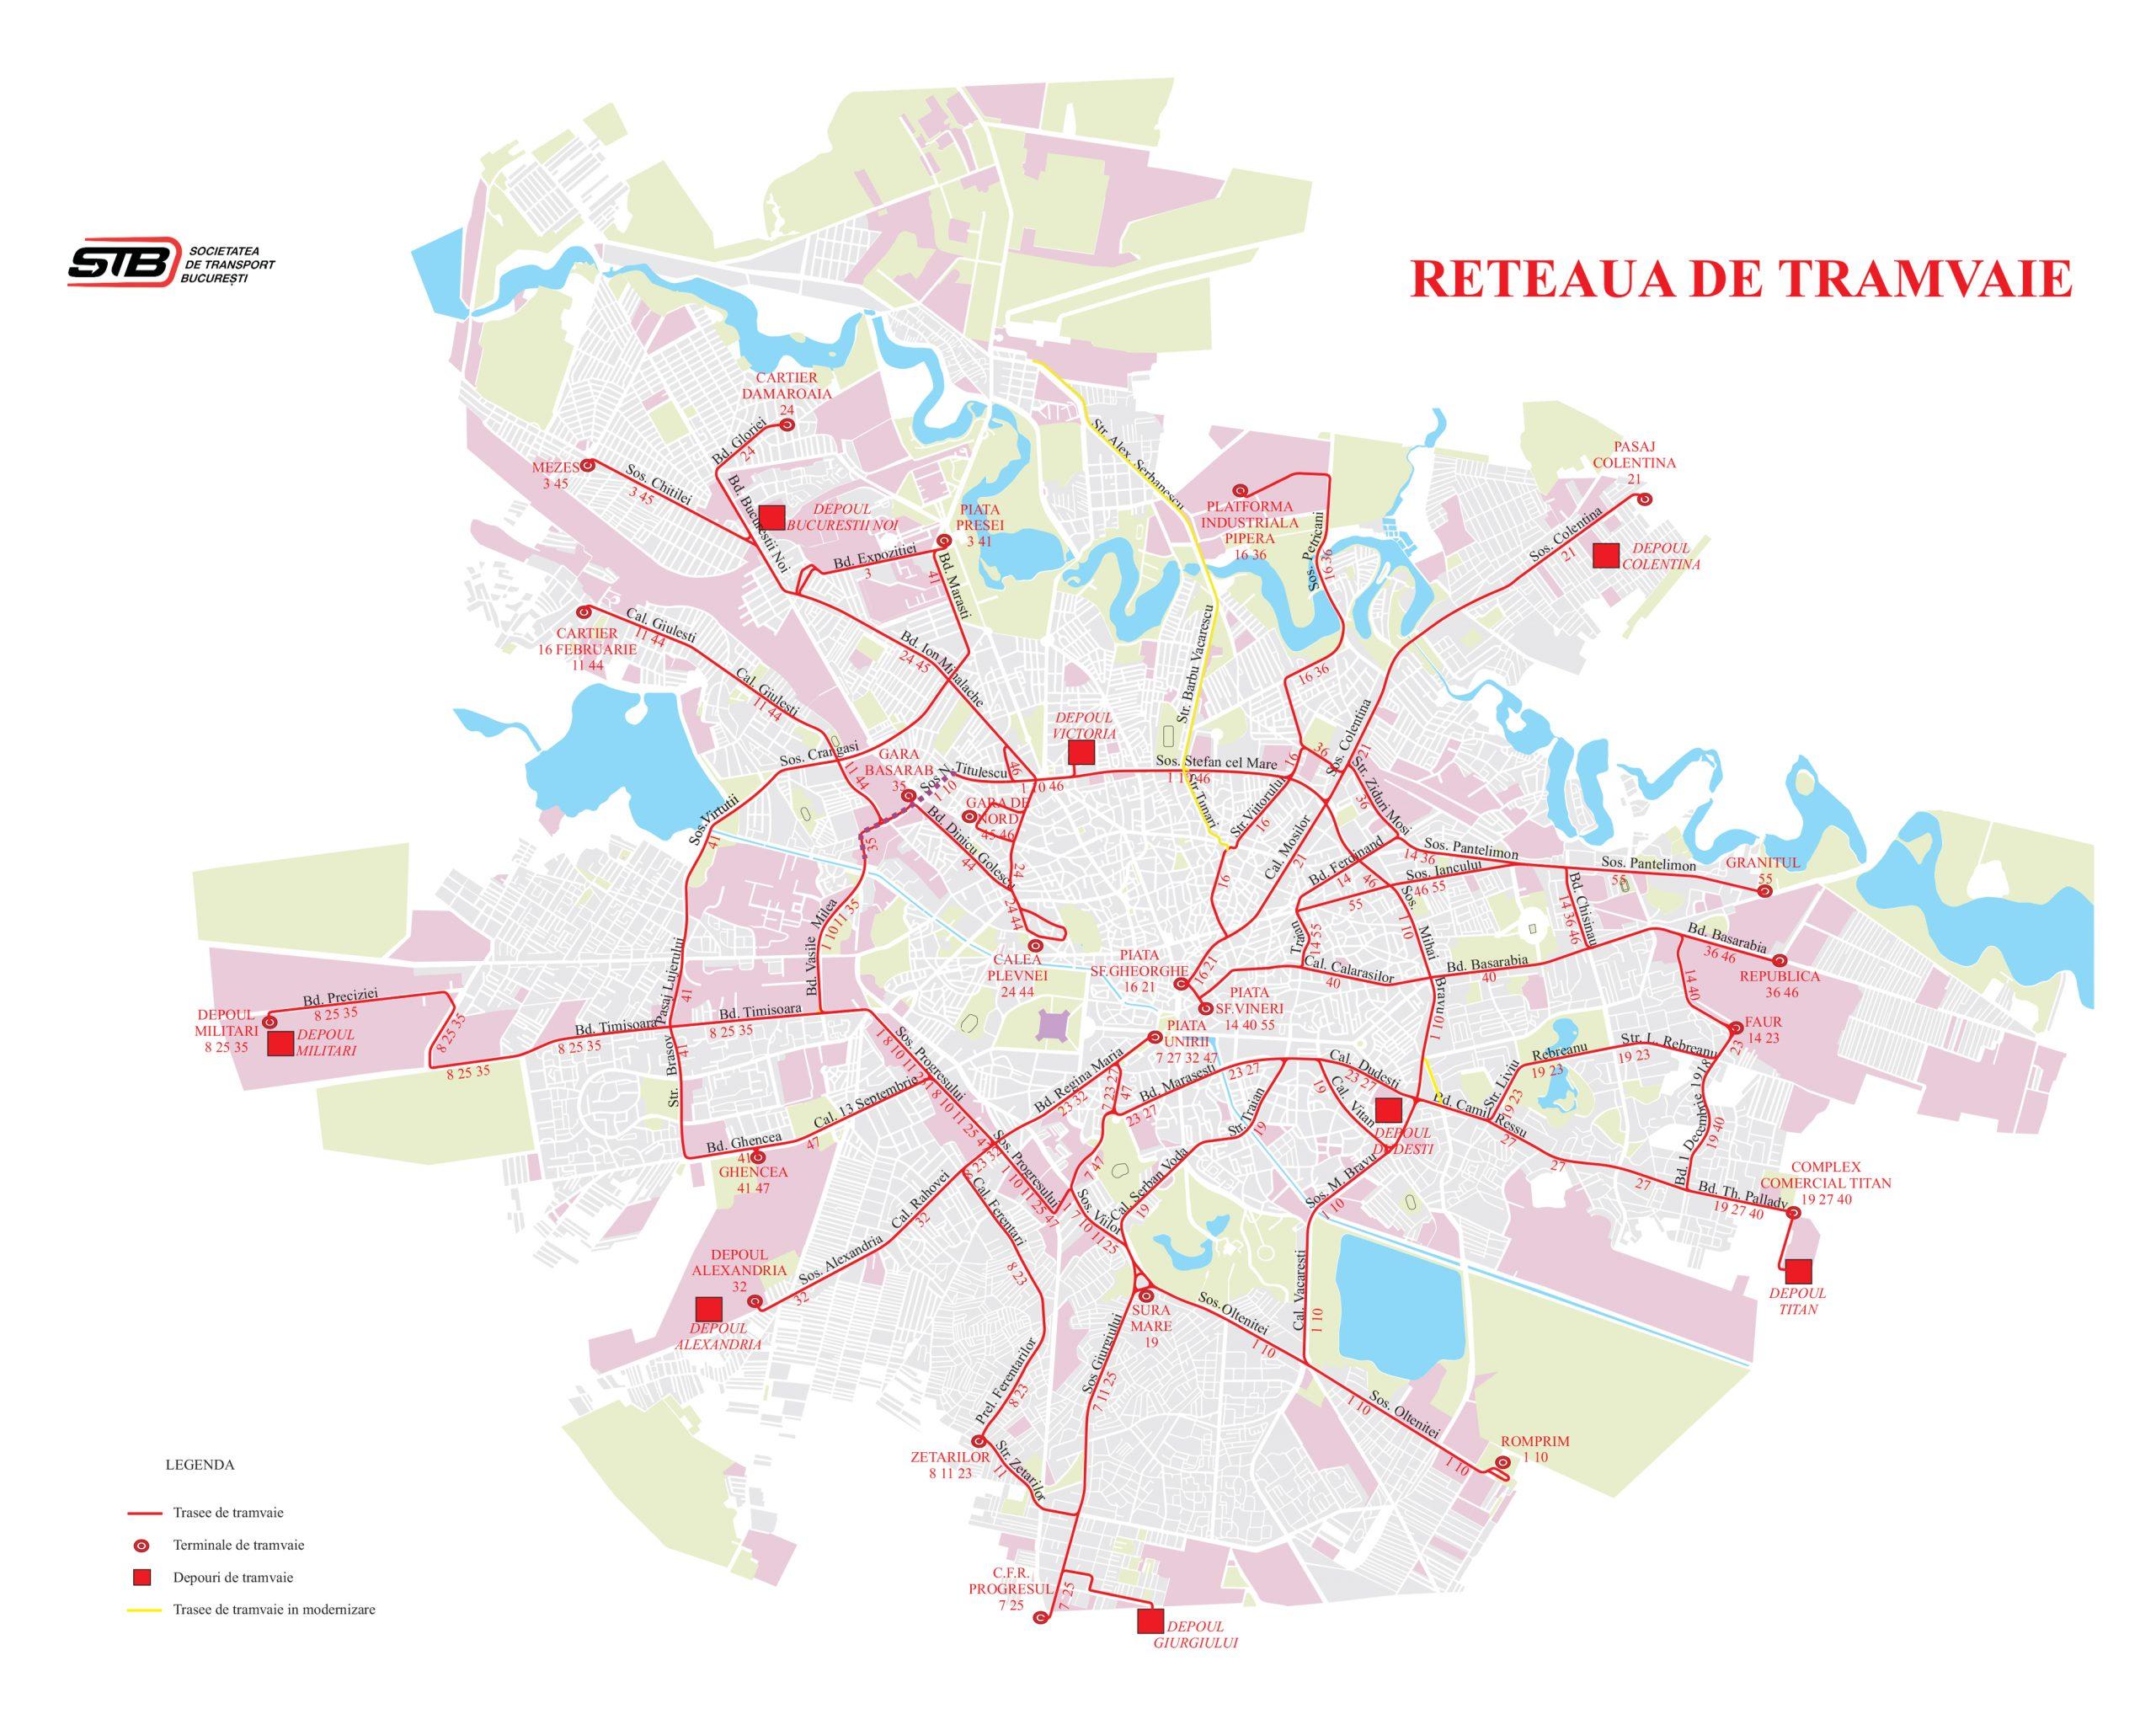 Stb Mergem Cu Frana De Mană Trasă Buletin De București